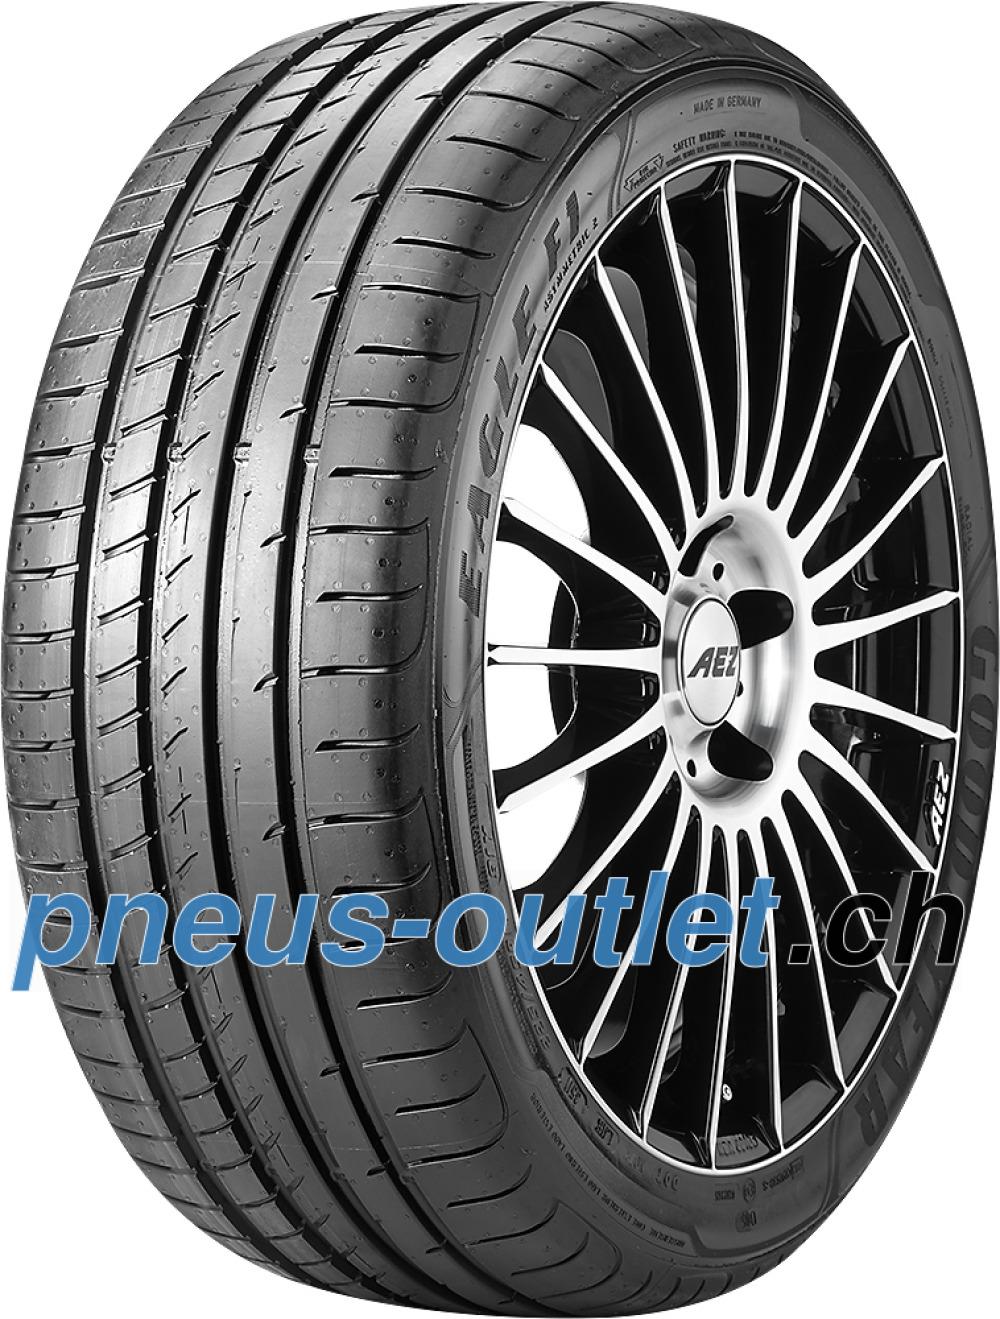 Goodyear Eagle F1 Asymmetric 2 ( 235/40 R18 95Y XL avec protège-jante (MFS) BLT )